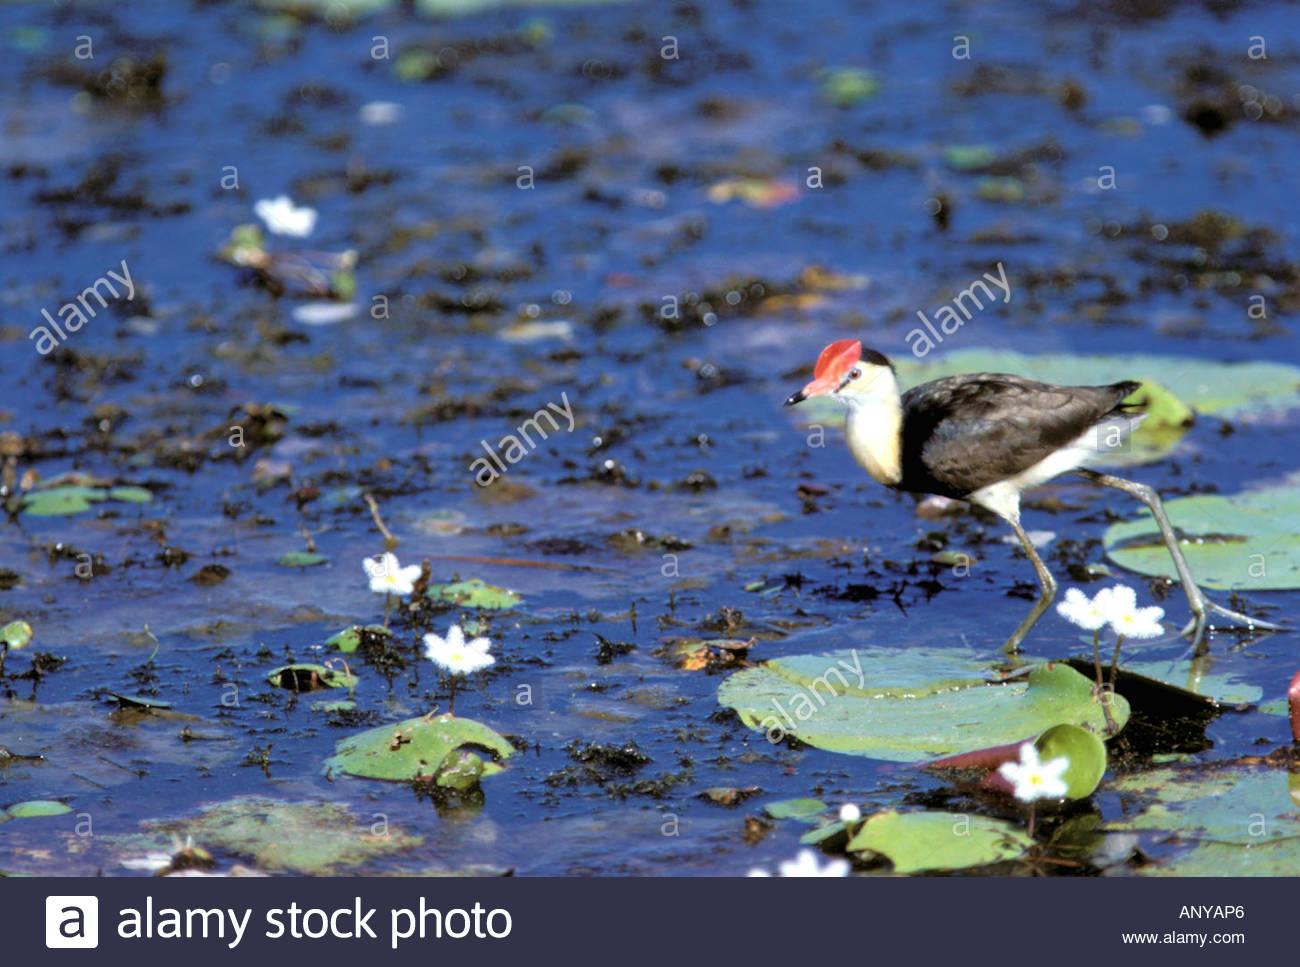 Australia, el Río Ord. Peine Crested Hacana (Iredipatra gallinacean) y  waterlillies (Nymphoides indica)